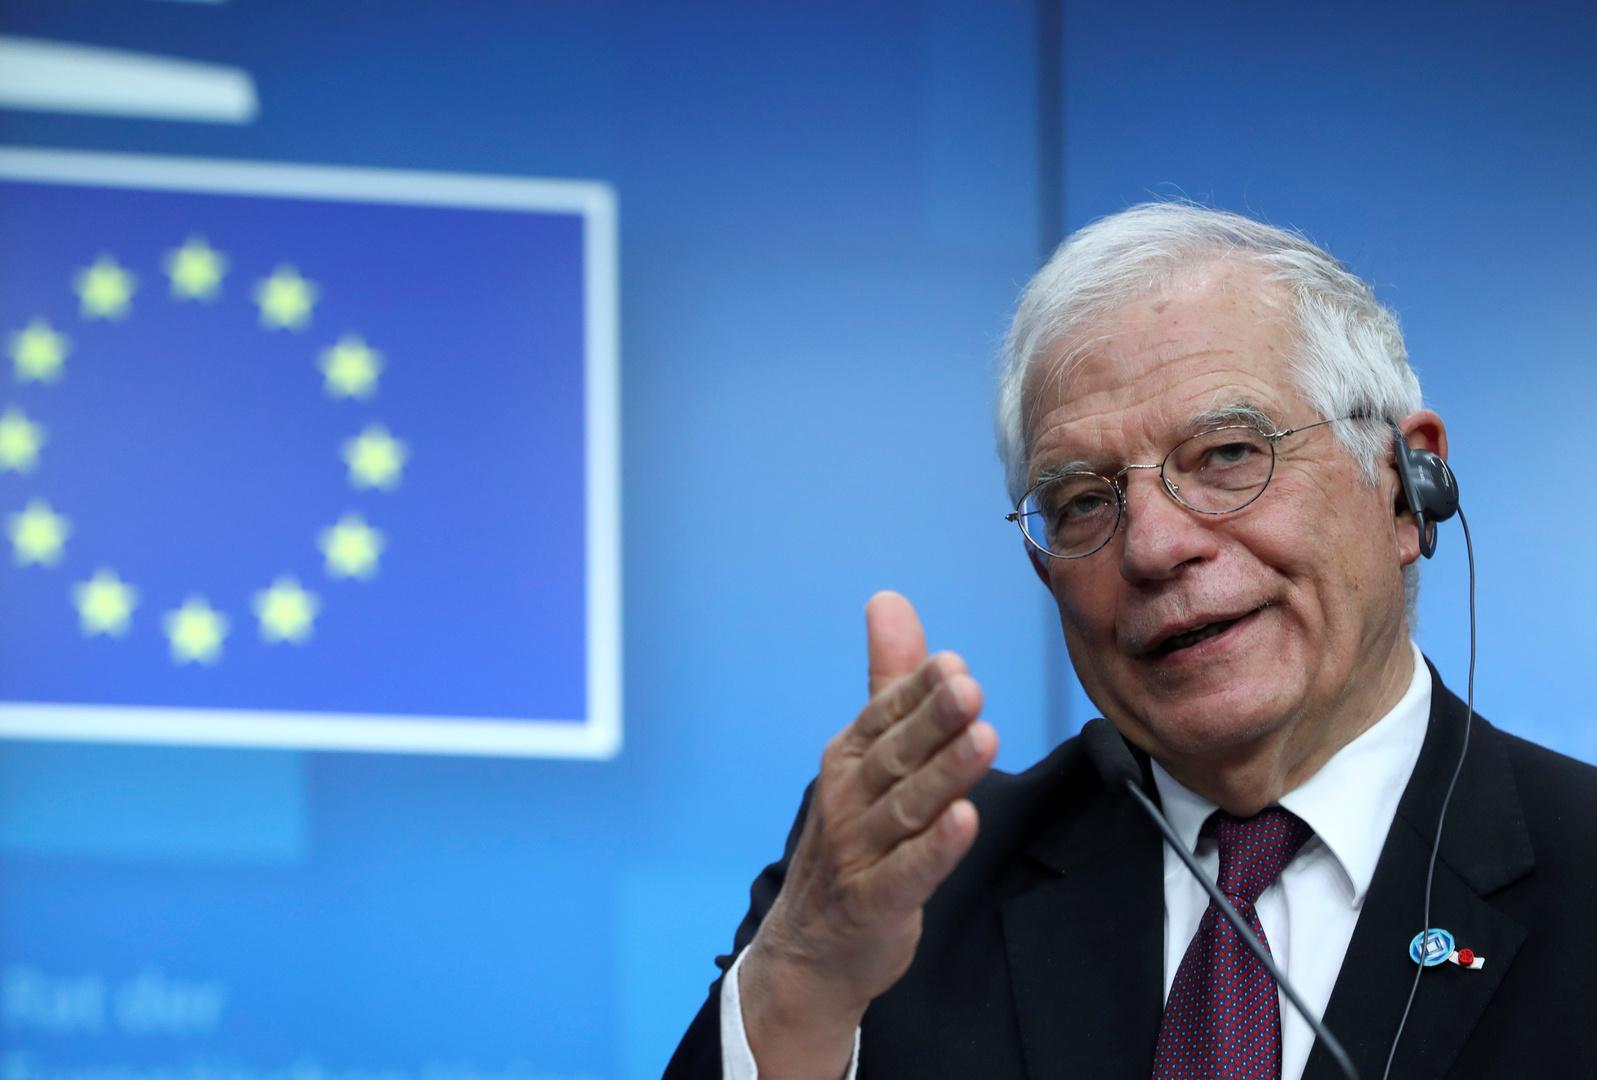 الاتحاد الأوروبي يعلن رفضه نتيجة الانتخابات في فنزويلا